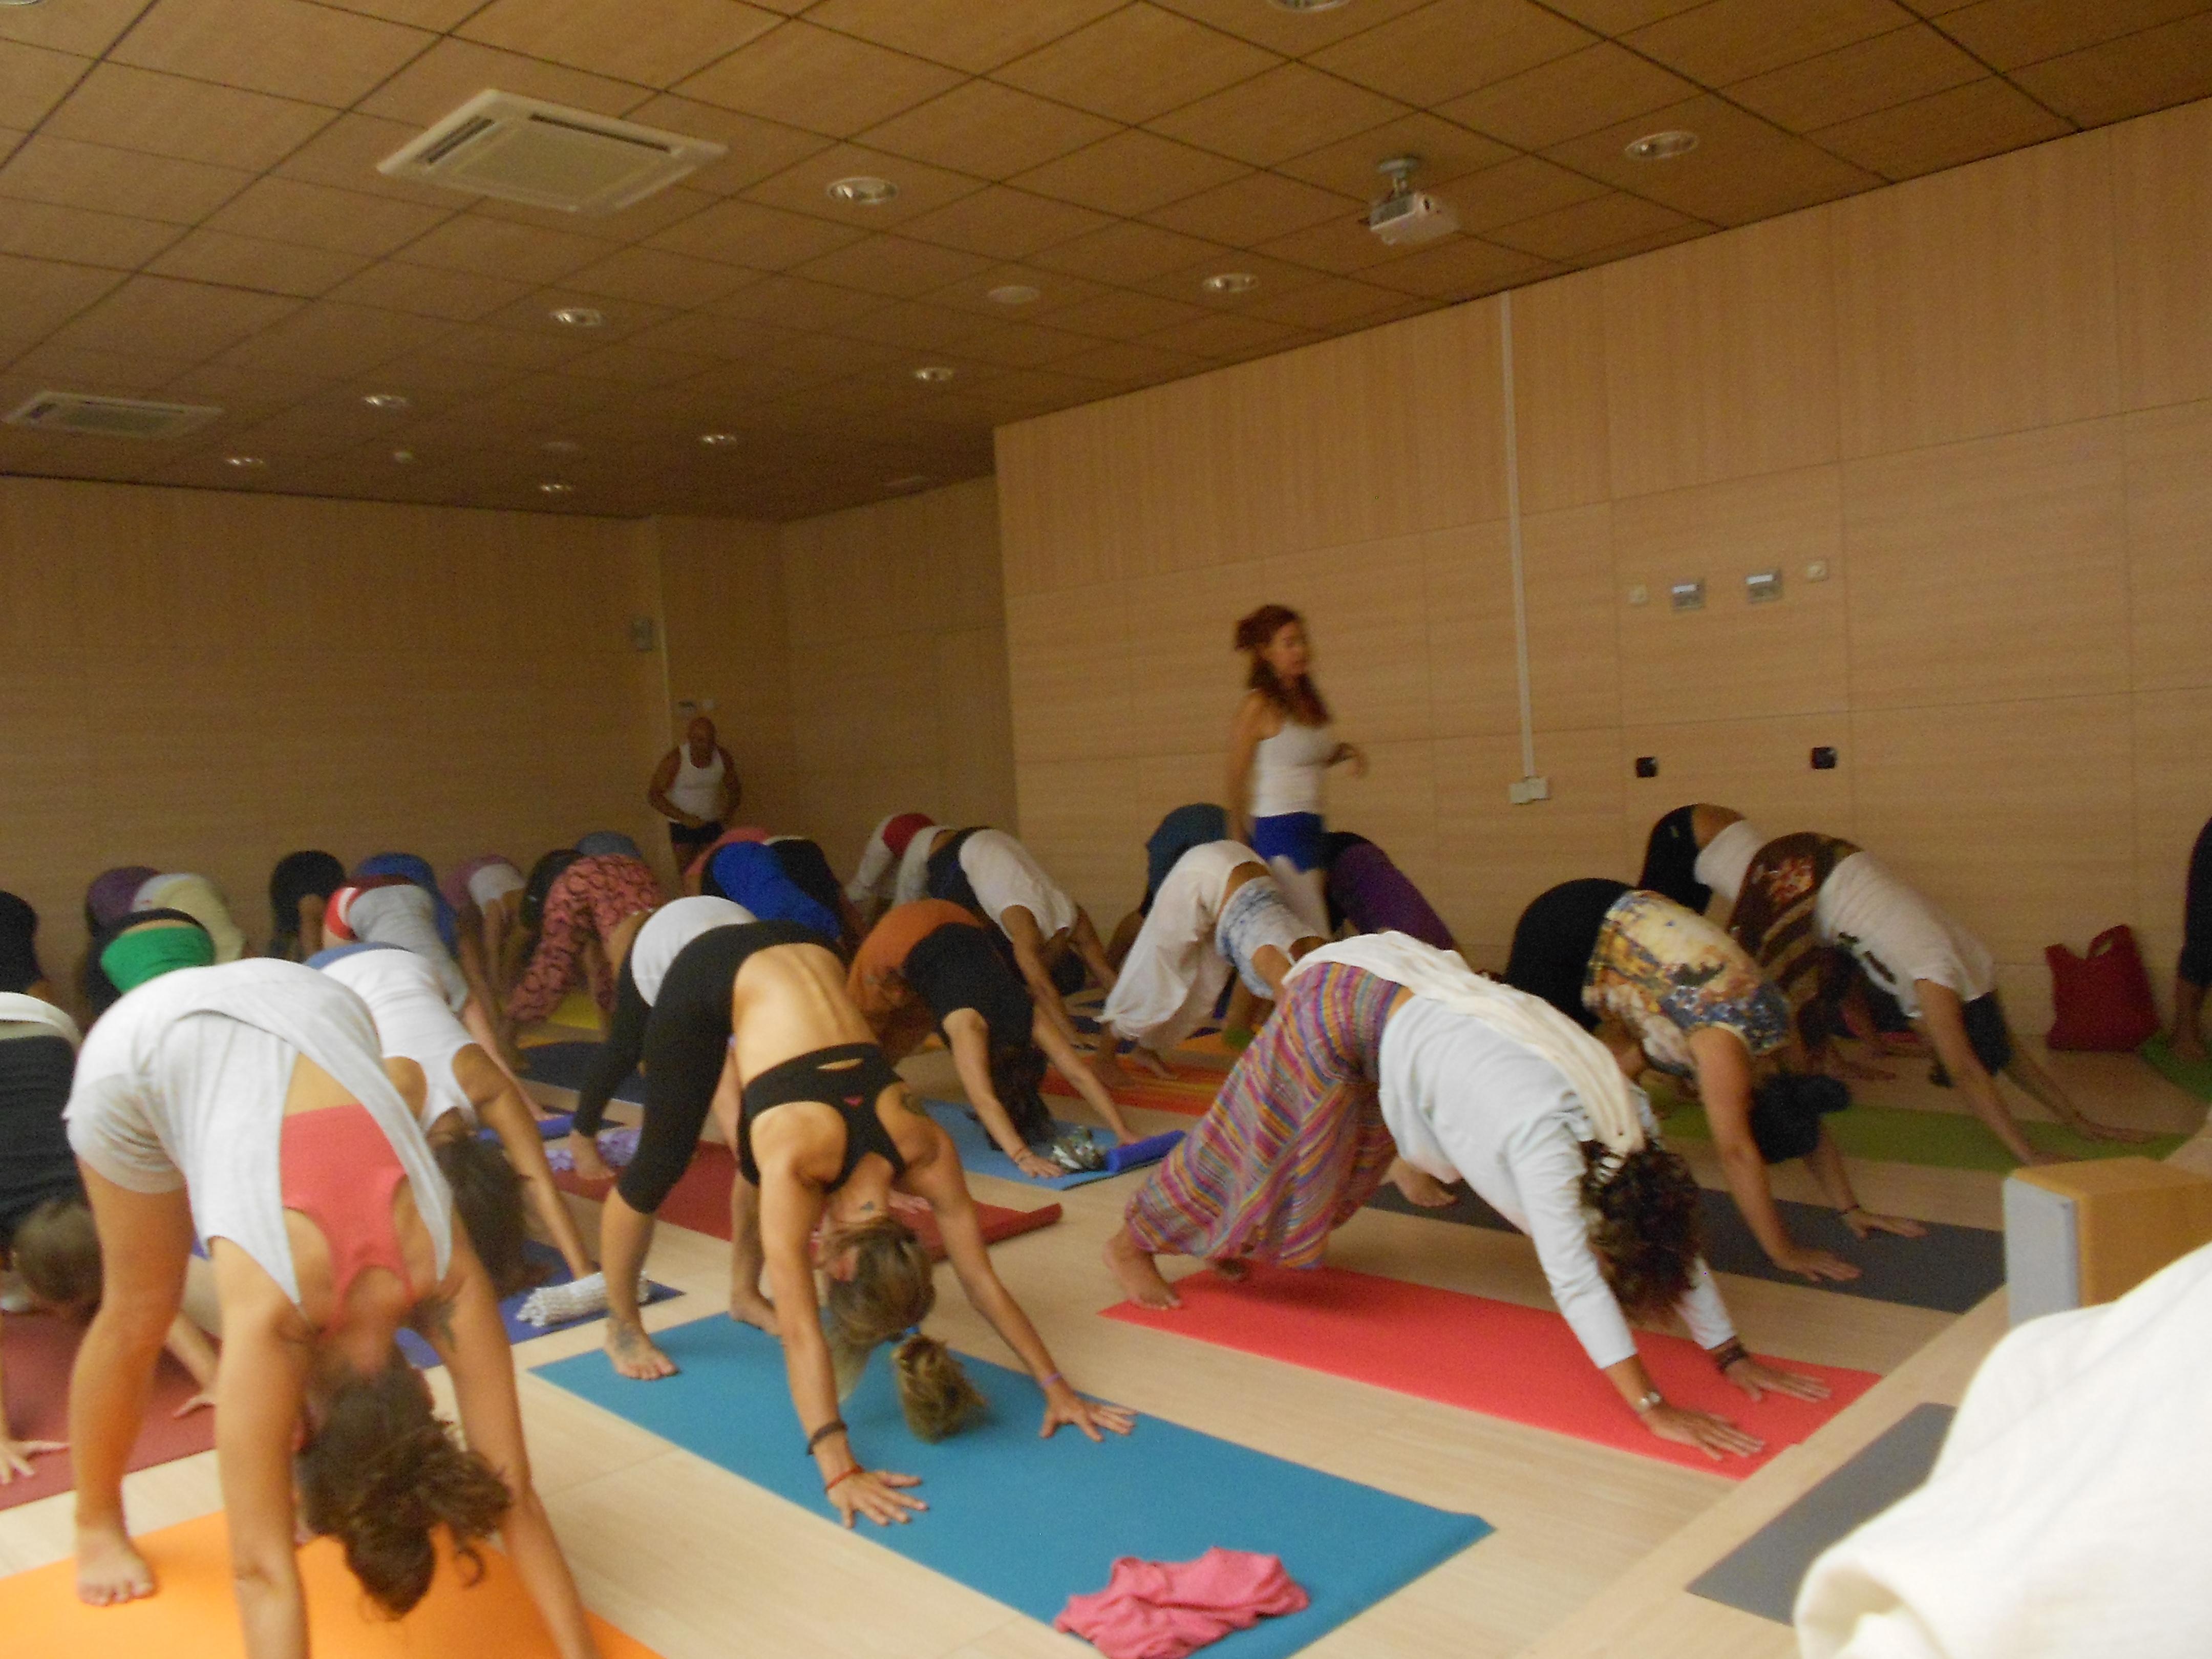 Miriam aguilar espacio para el yoga sevilla este - Espacio para el yoga ...